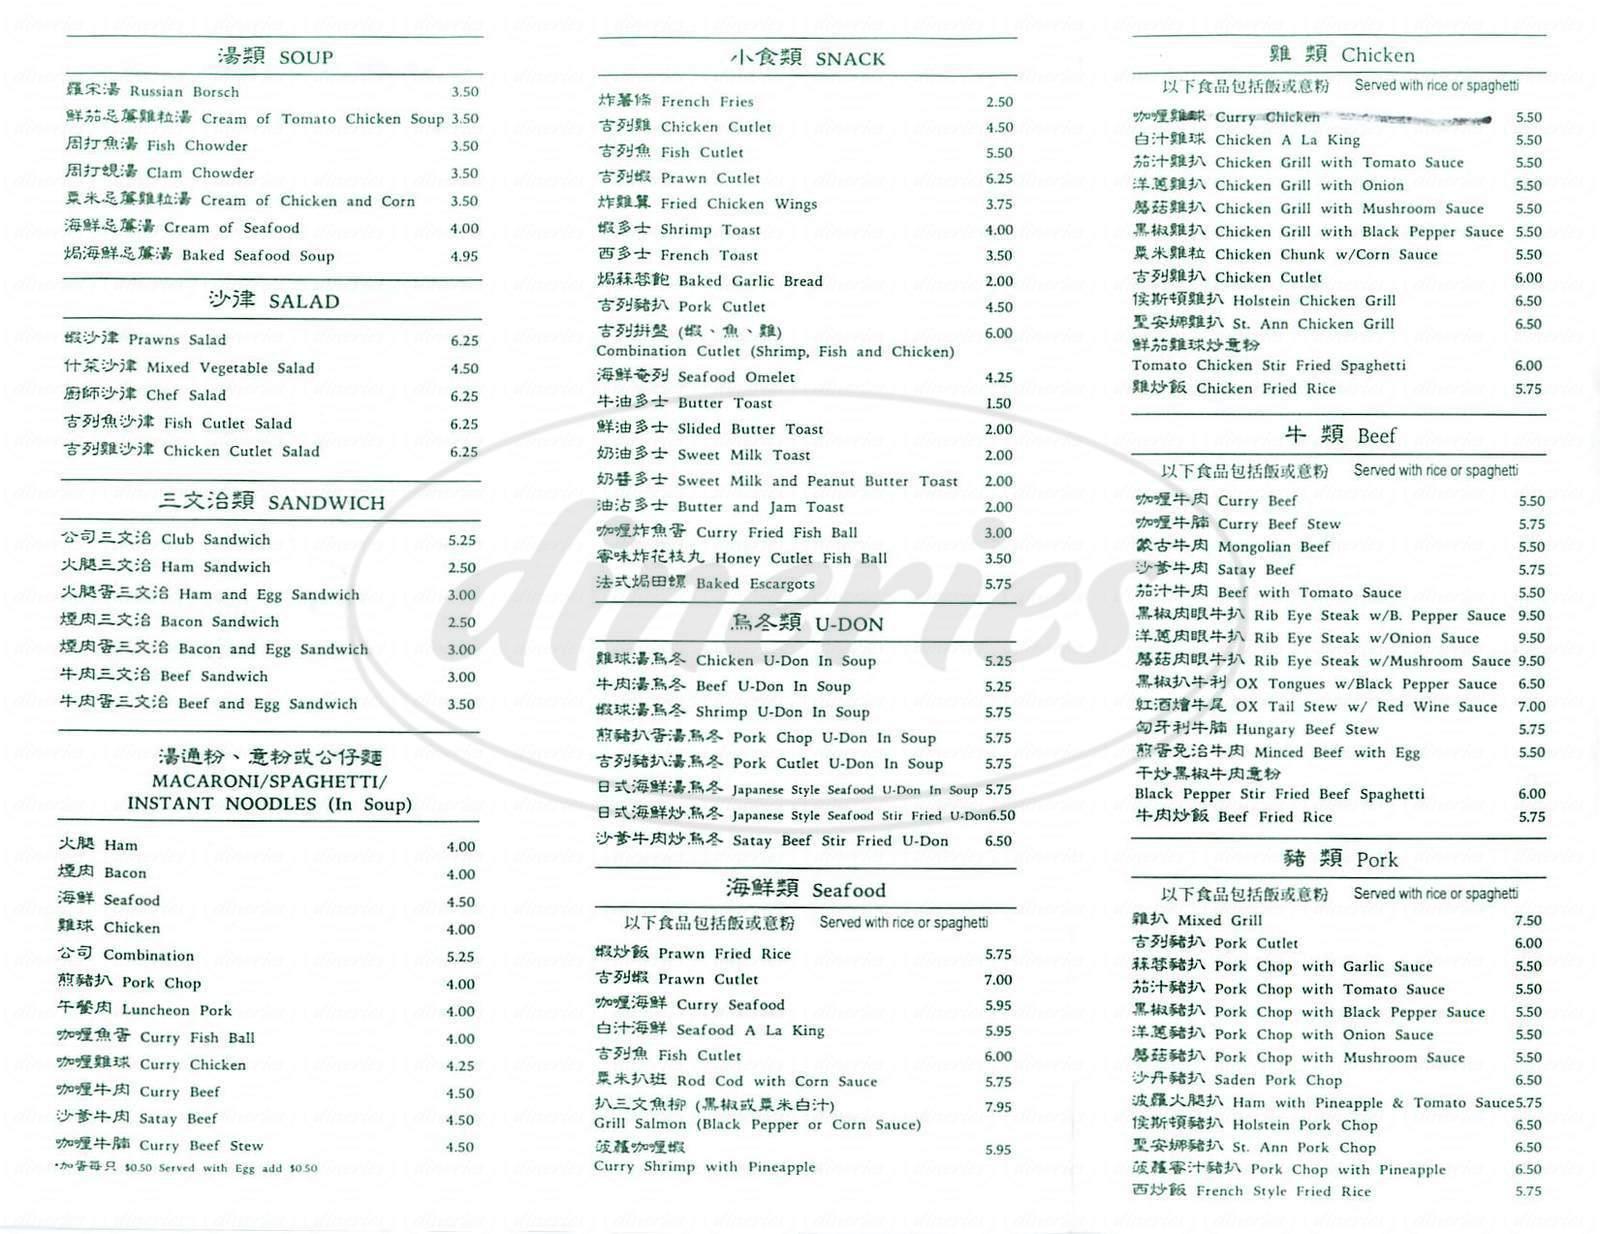 menu for Cutlet House Cafe